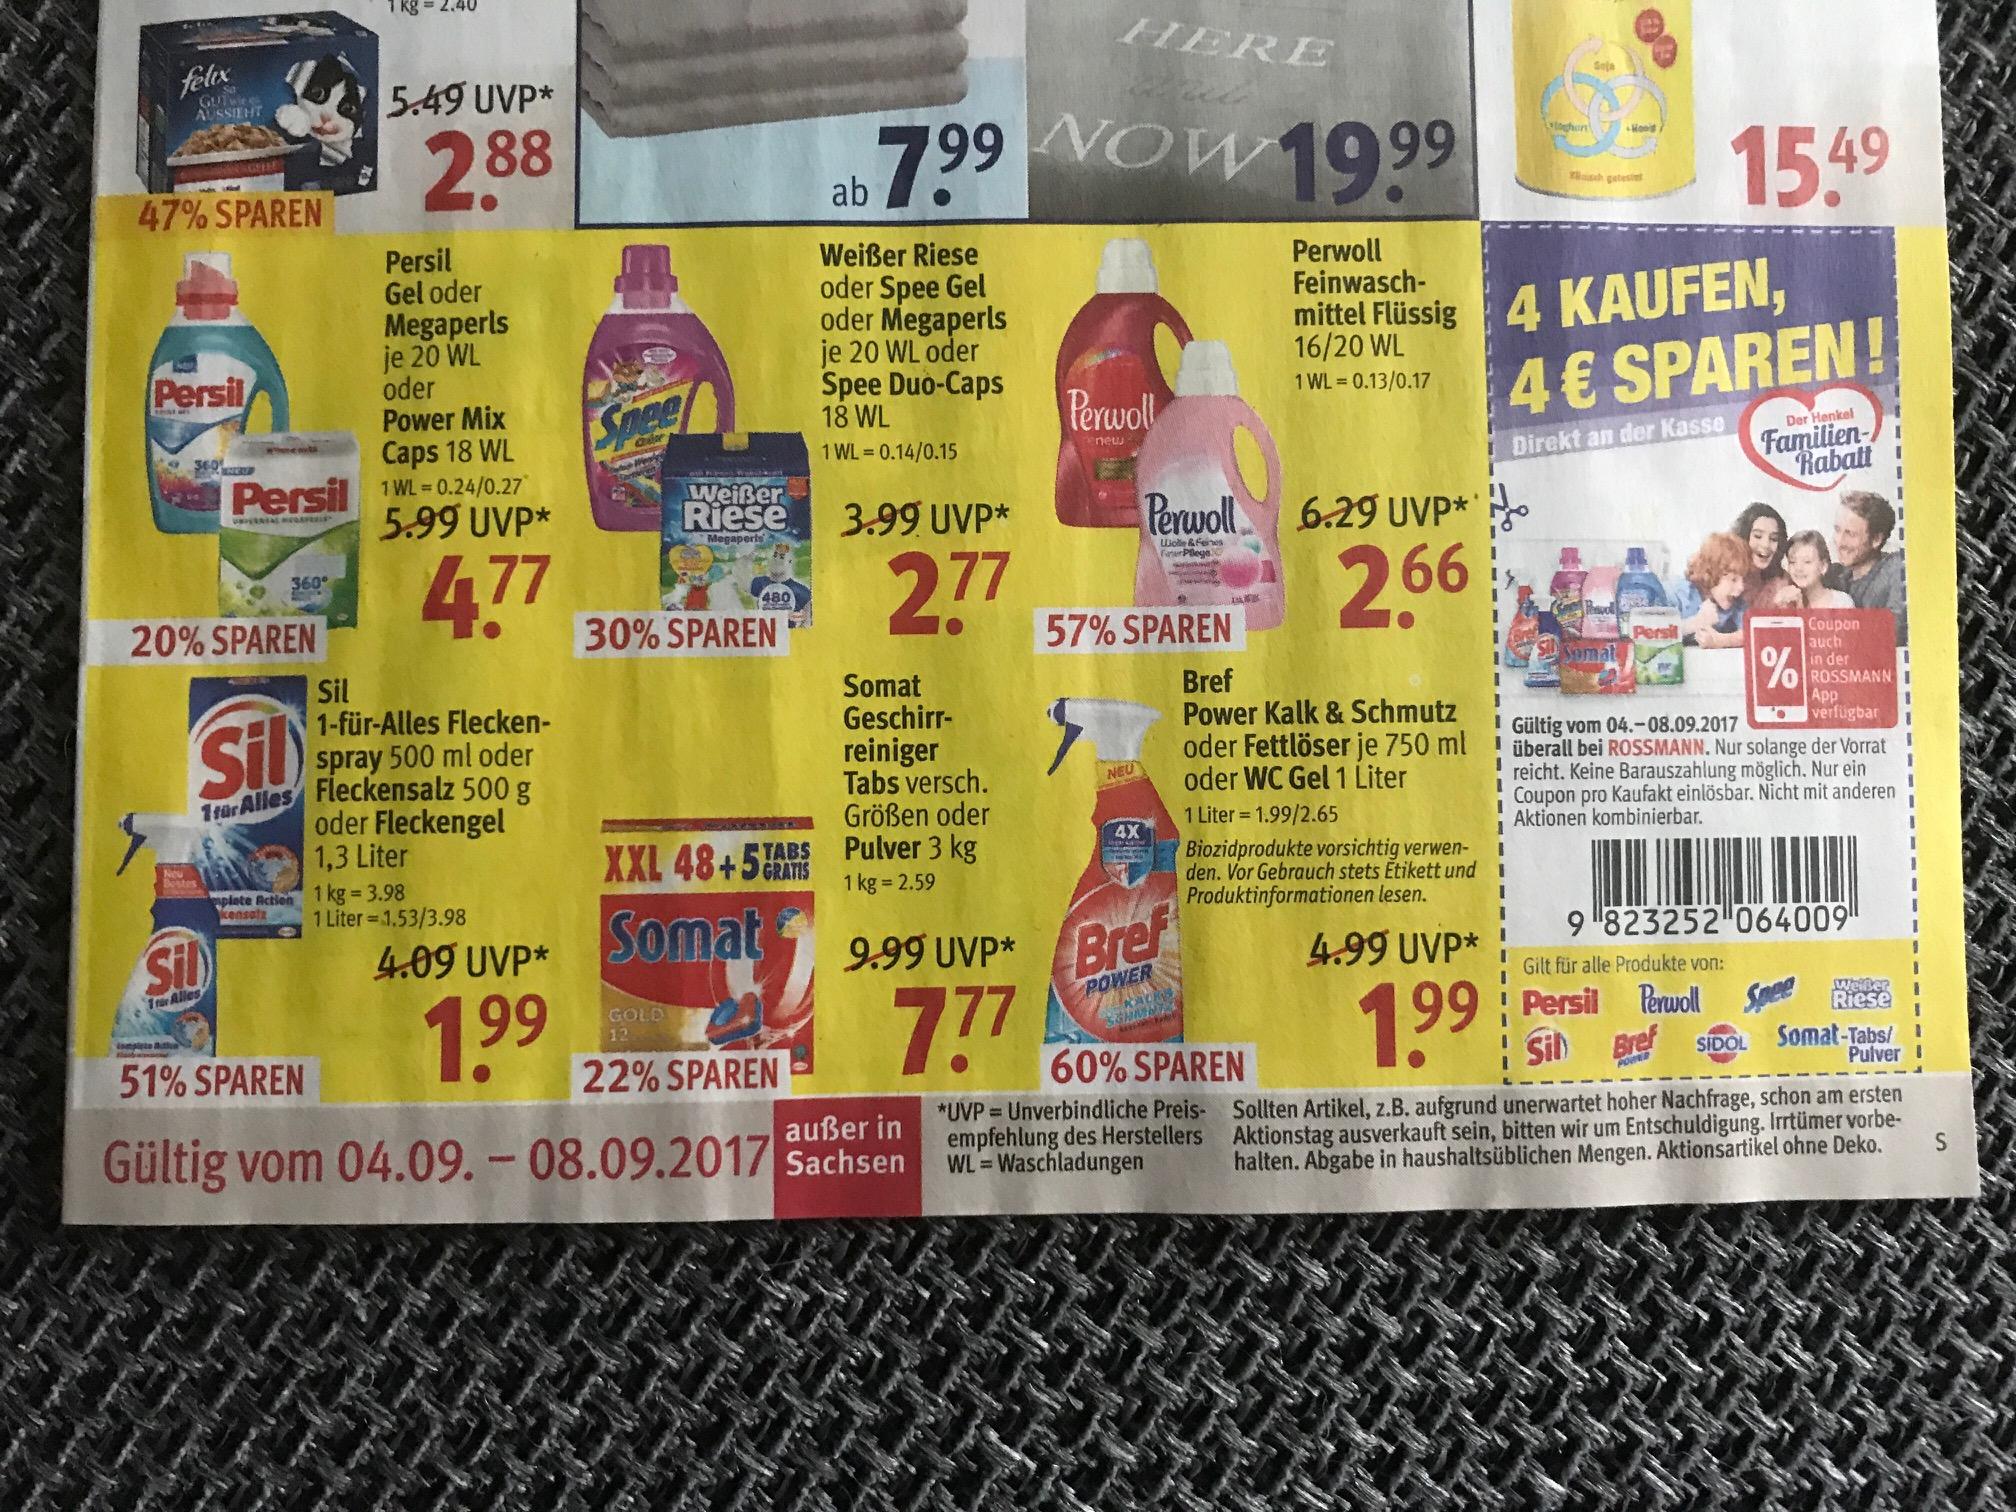 (ROSSMANN) 4x Sil 1-für-Alles Fleckenspray, Fleckensalz oder Fleckengel für 3,96€